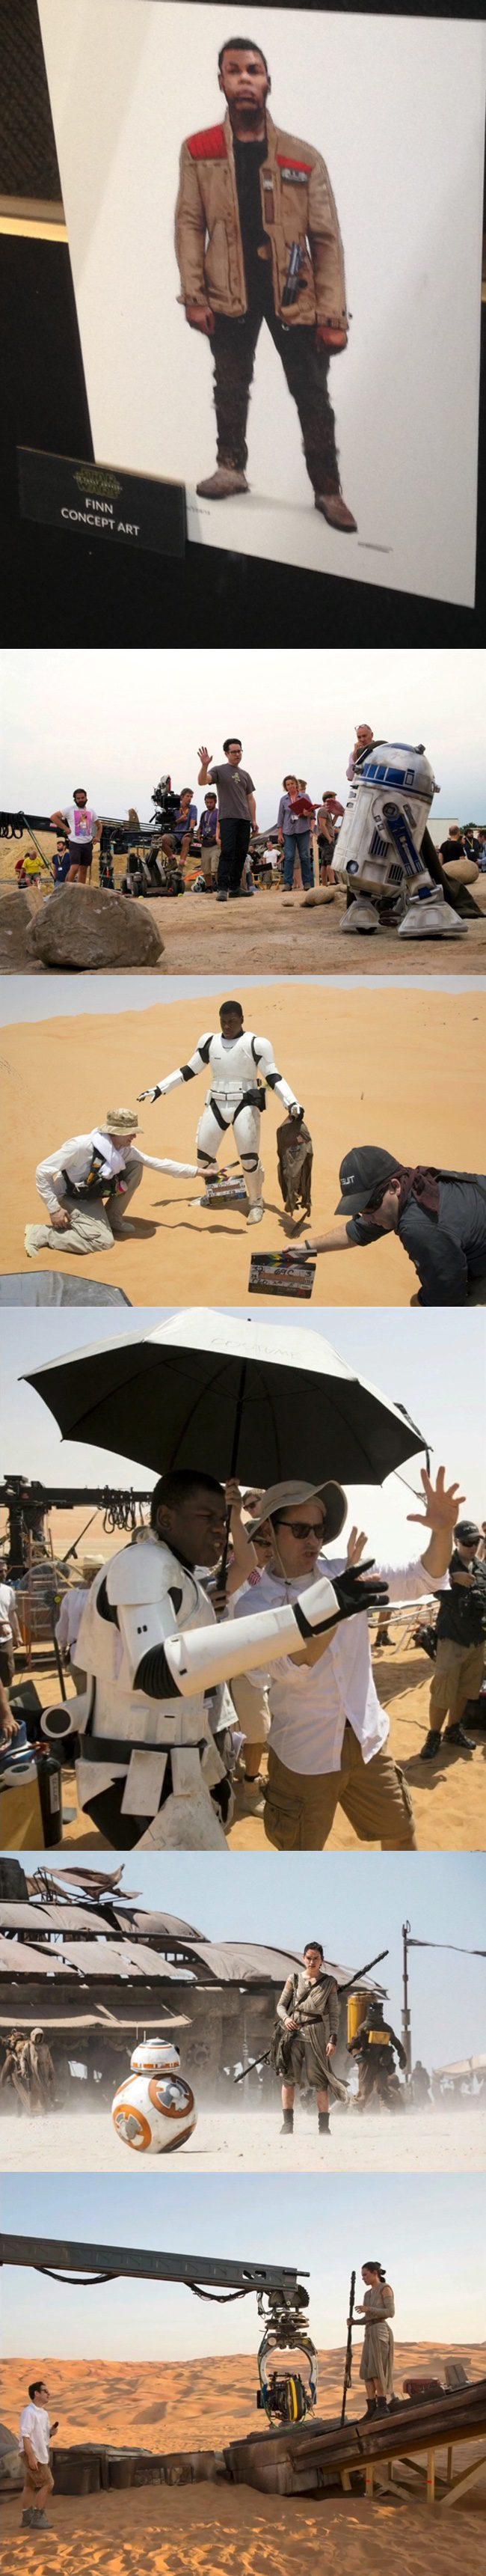 Rodaje de 'Star Wars: Episodio VII - El despertar de la fuerza'